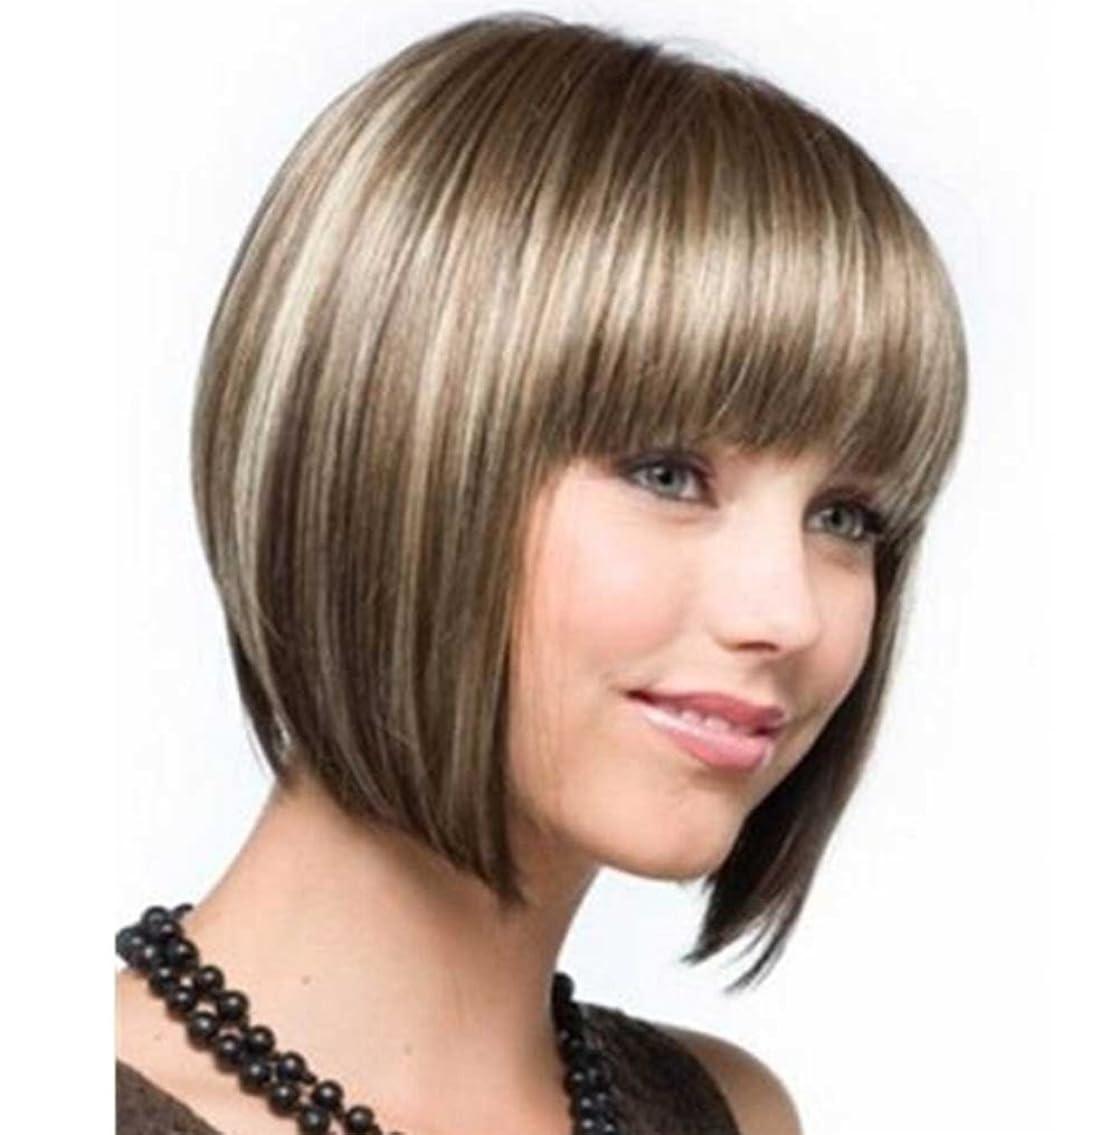 アボート発信脈拍かつら女性のかつらコスプレパーティーメイクアップ合成ショートストレート女性の髪型